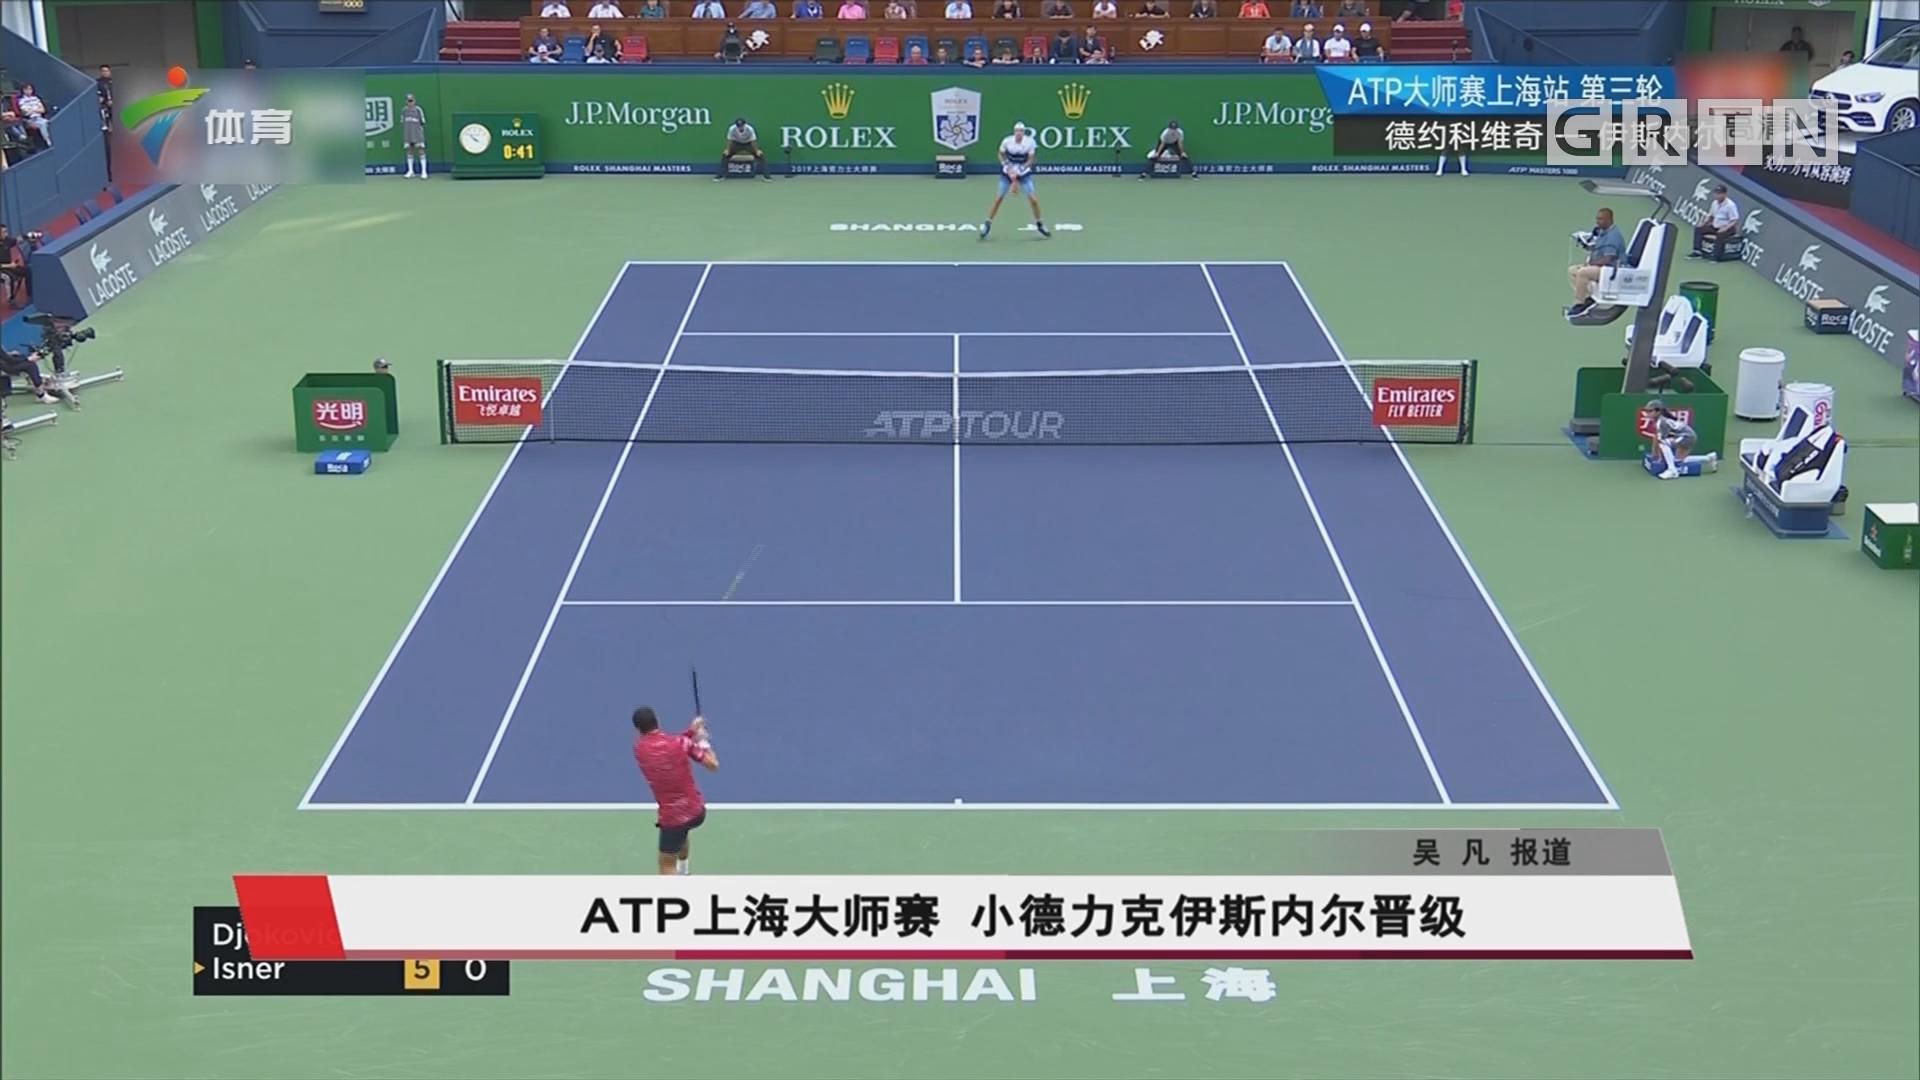 ATP上海大师赛 小德力克伊斯内尔晋级